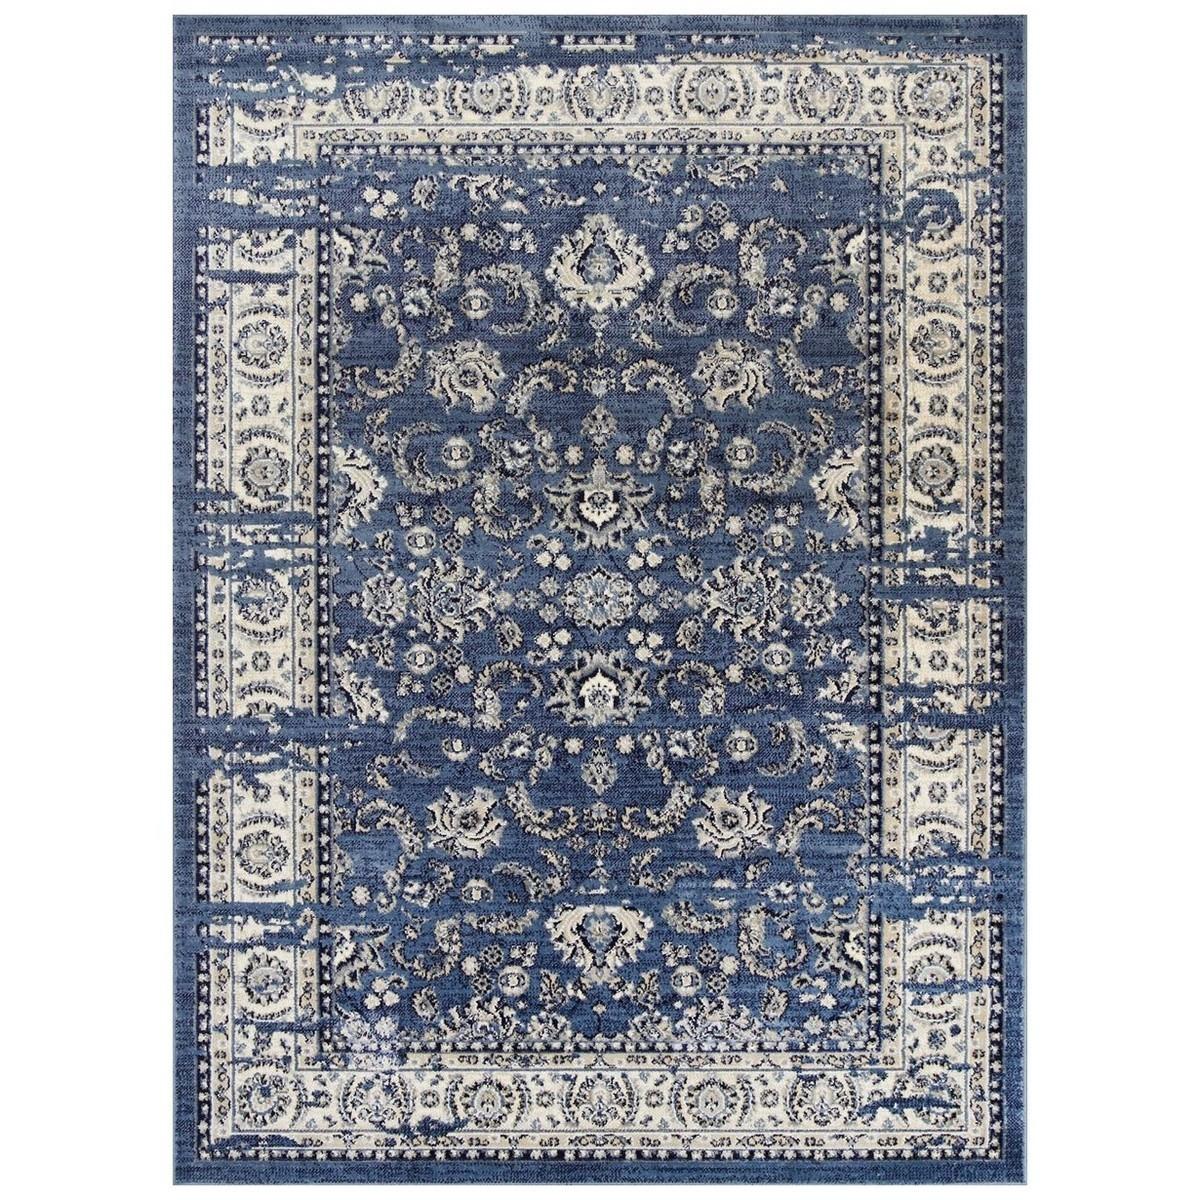 Old World Harika Oriental Rug, 220x160cm